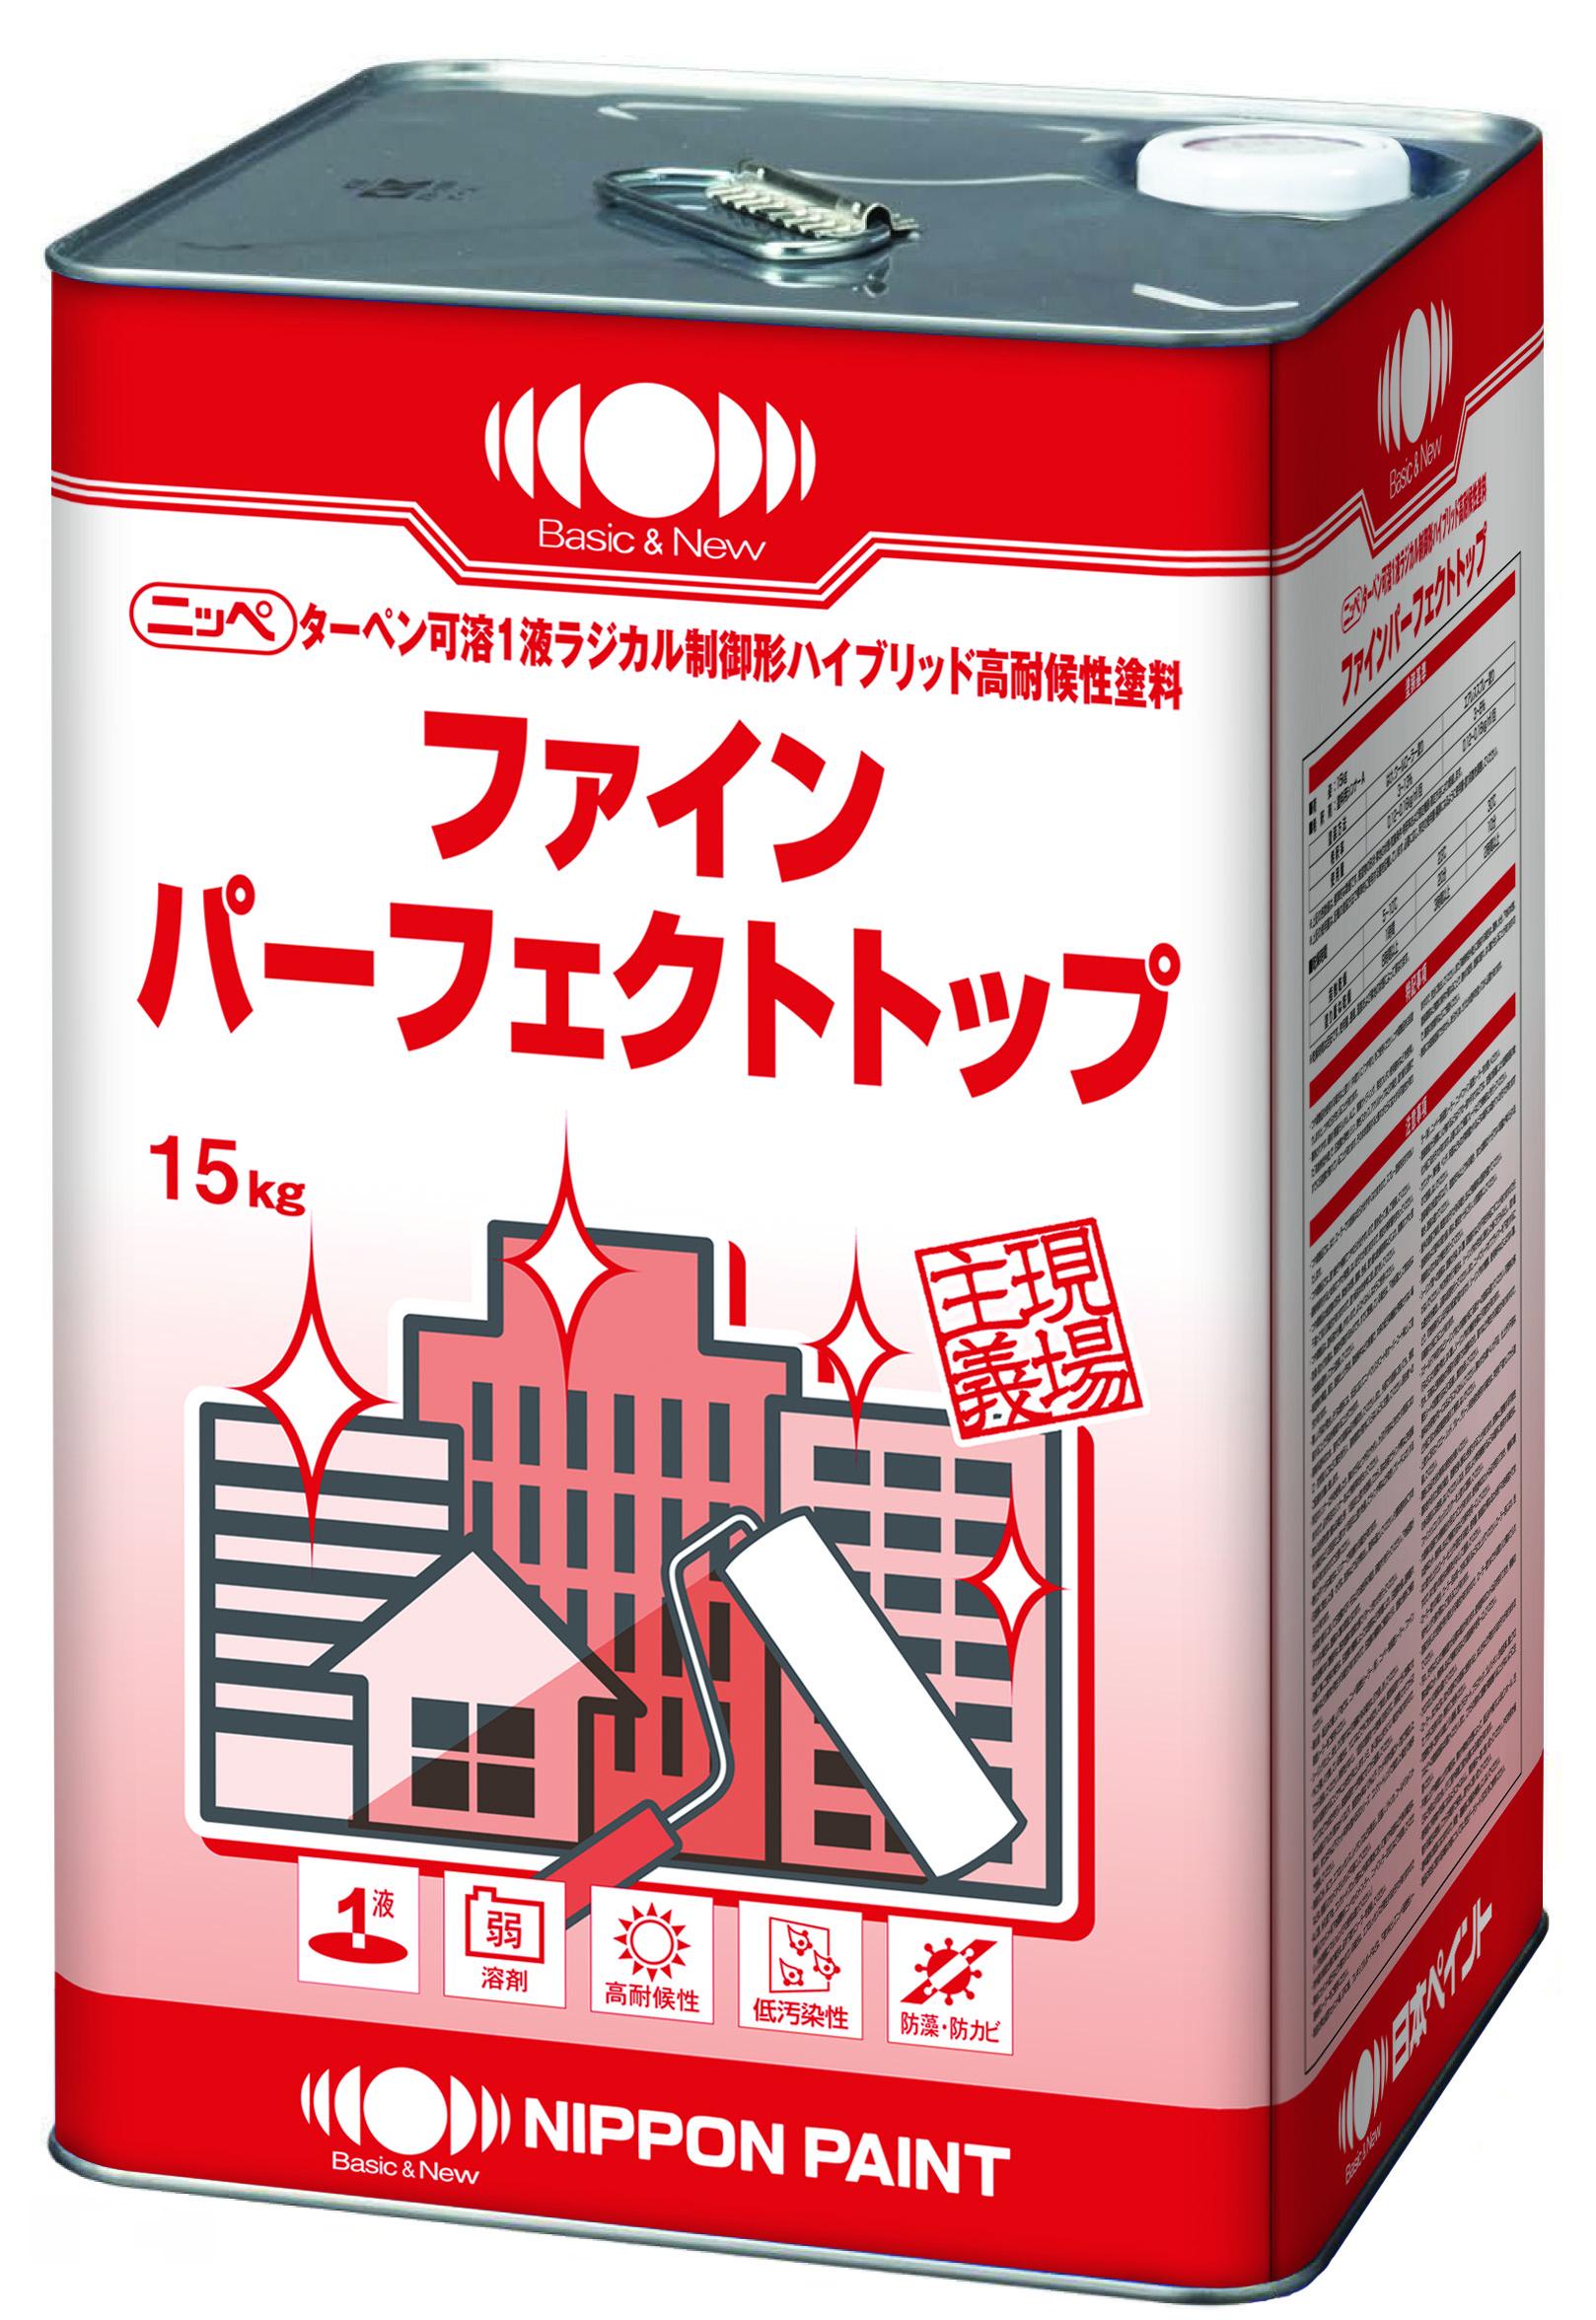 ファインパーフェクトトップ(塗料缶外観)